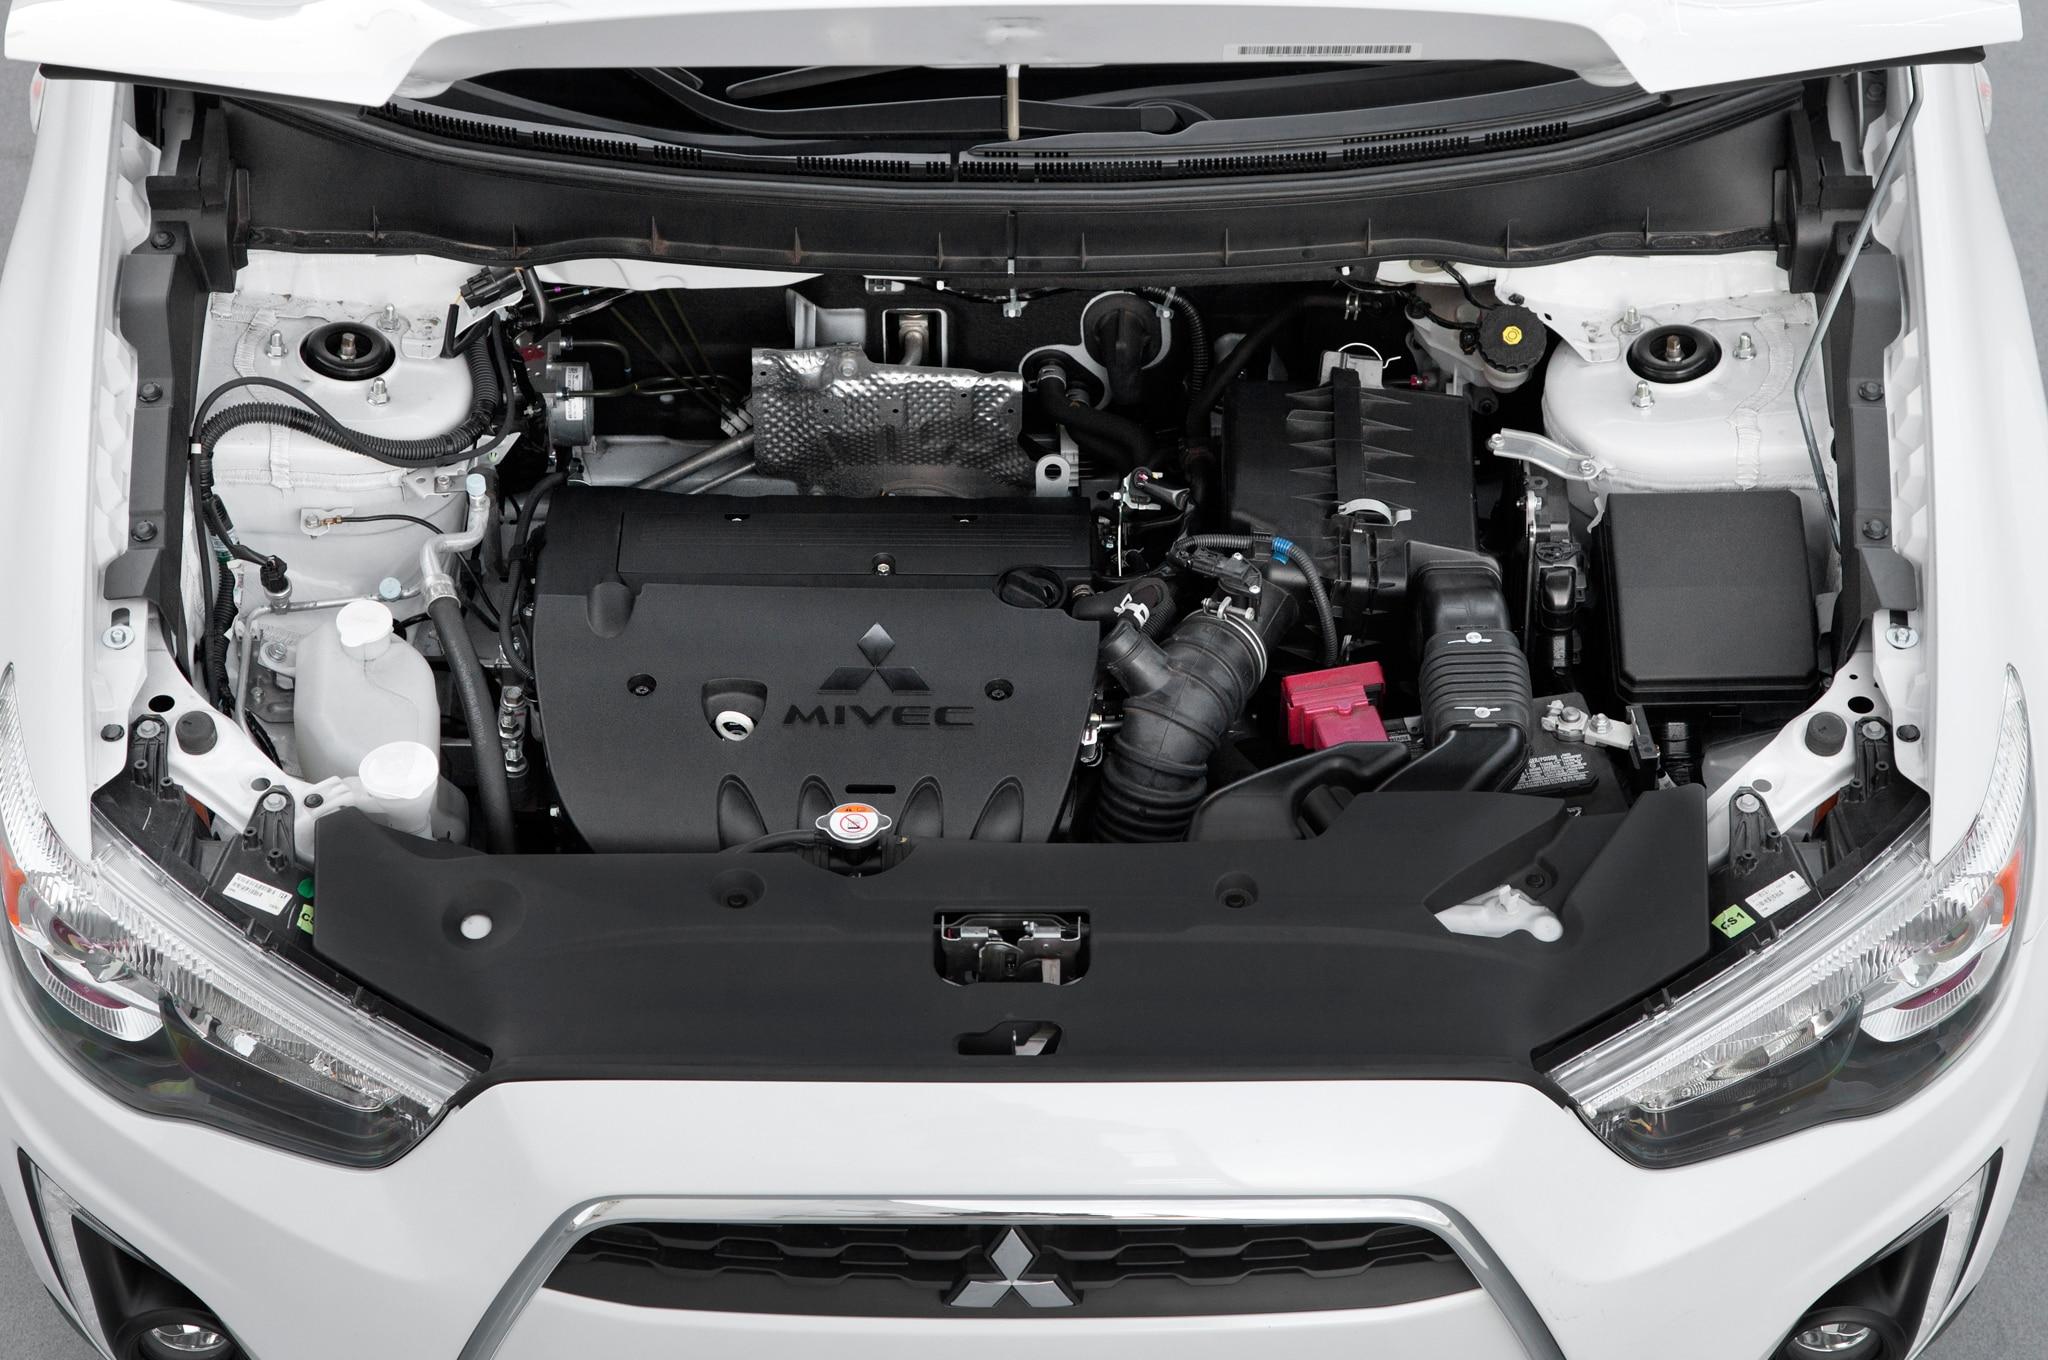 2015 Mitsubishi Outlander Sport 2 0L First Test - Motor Trend